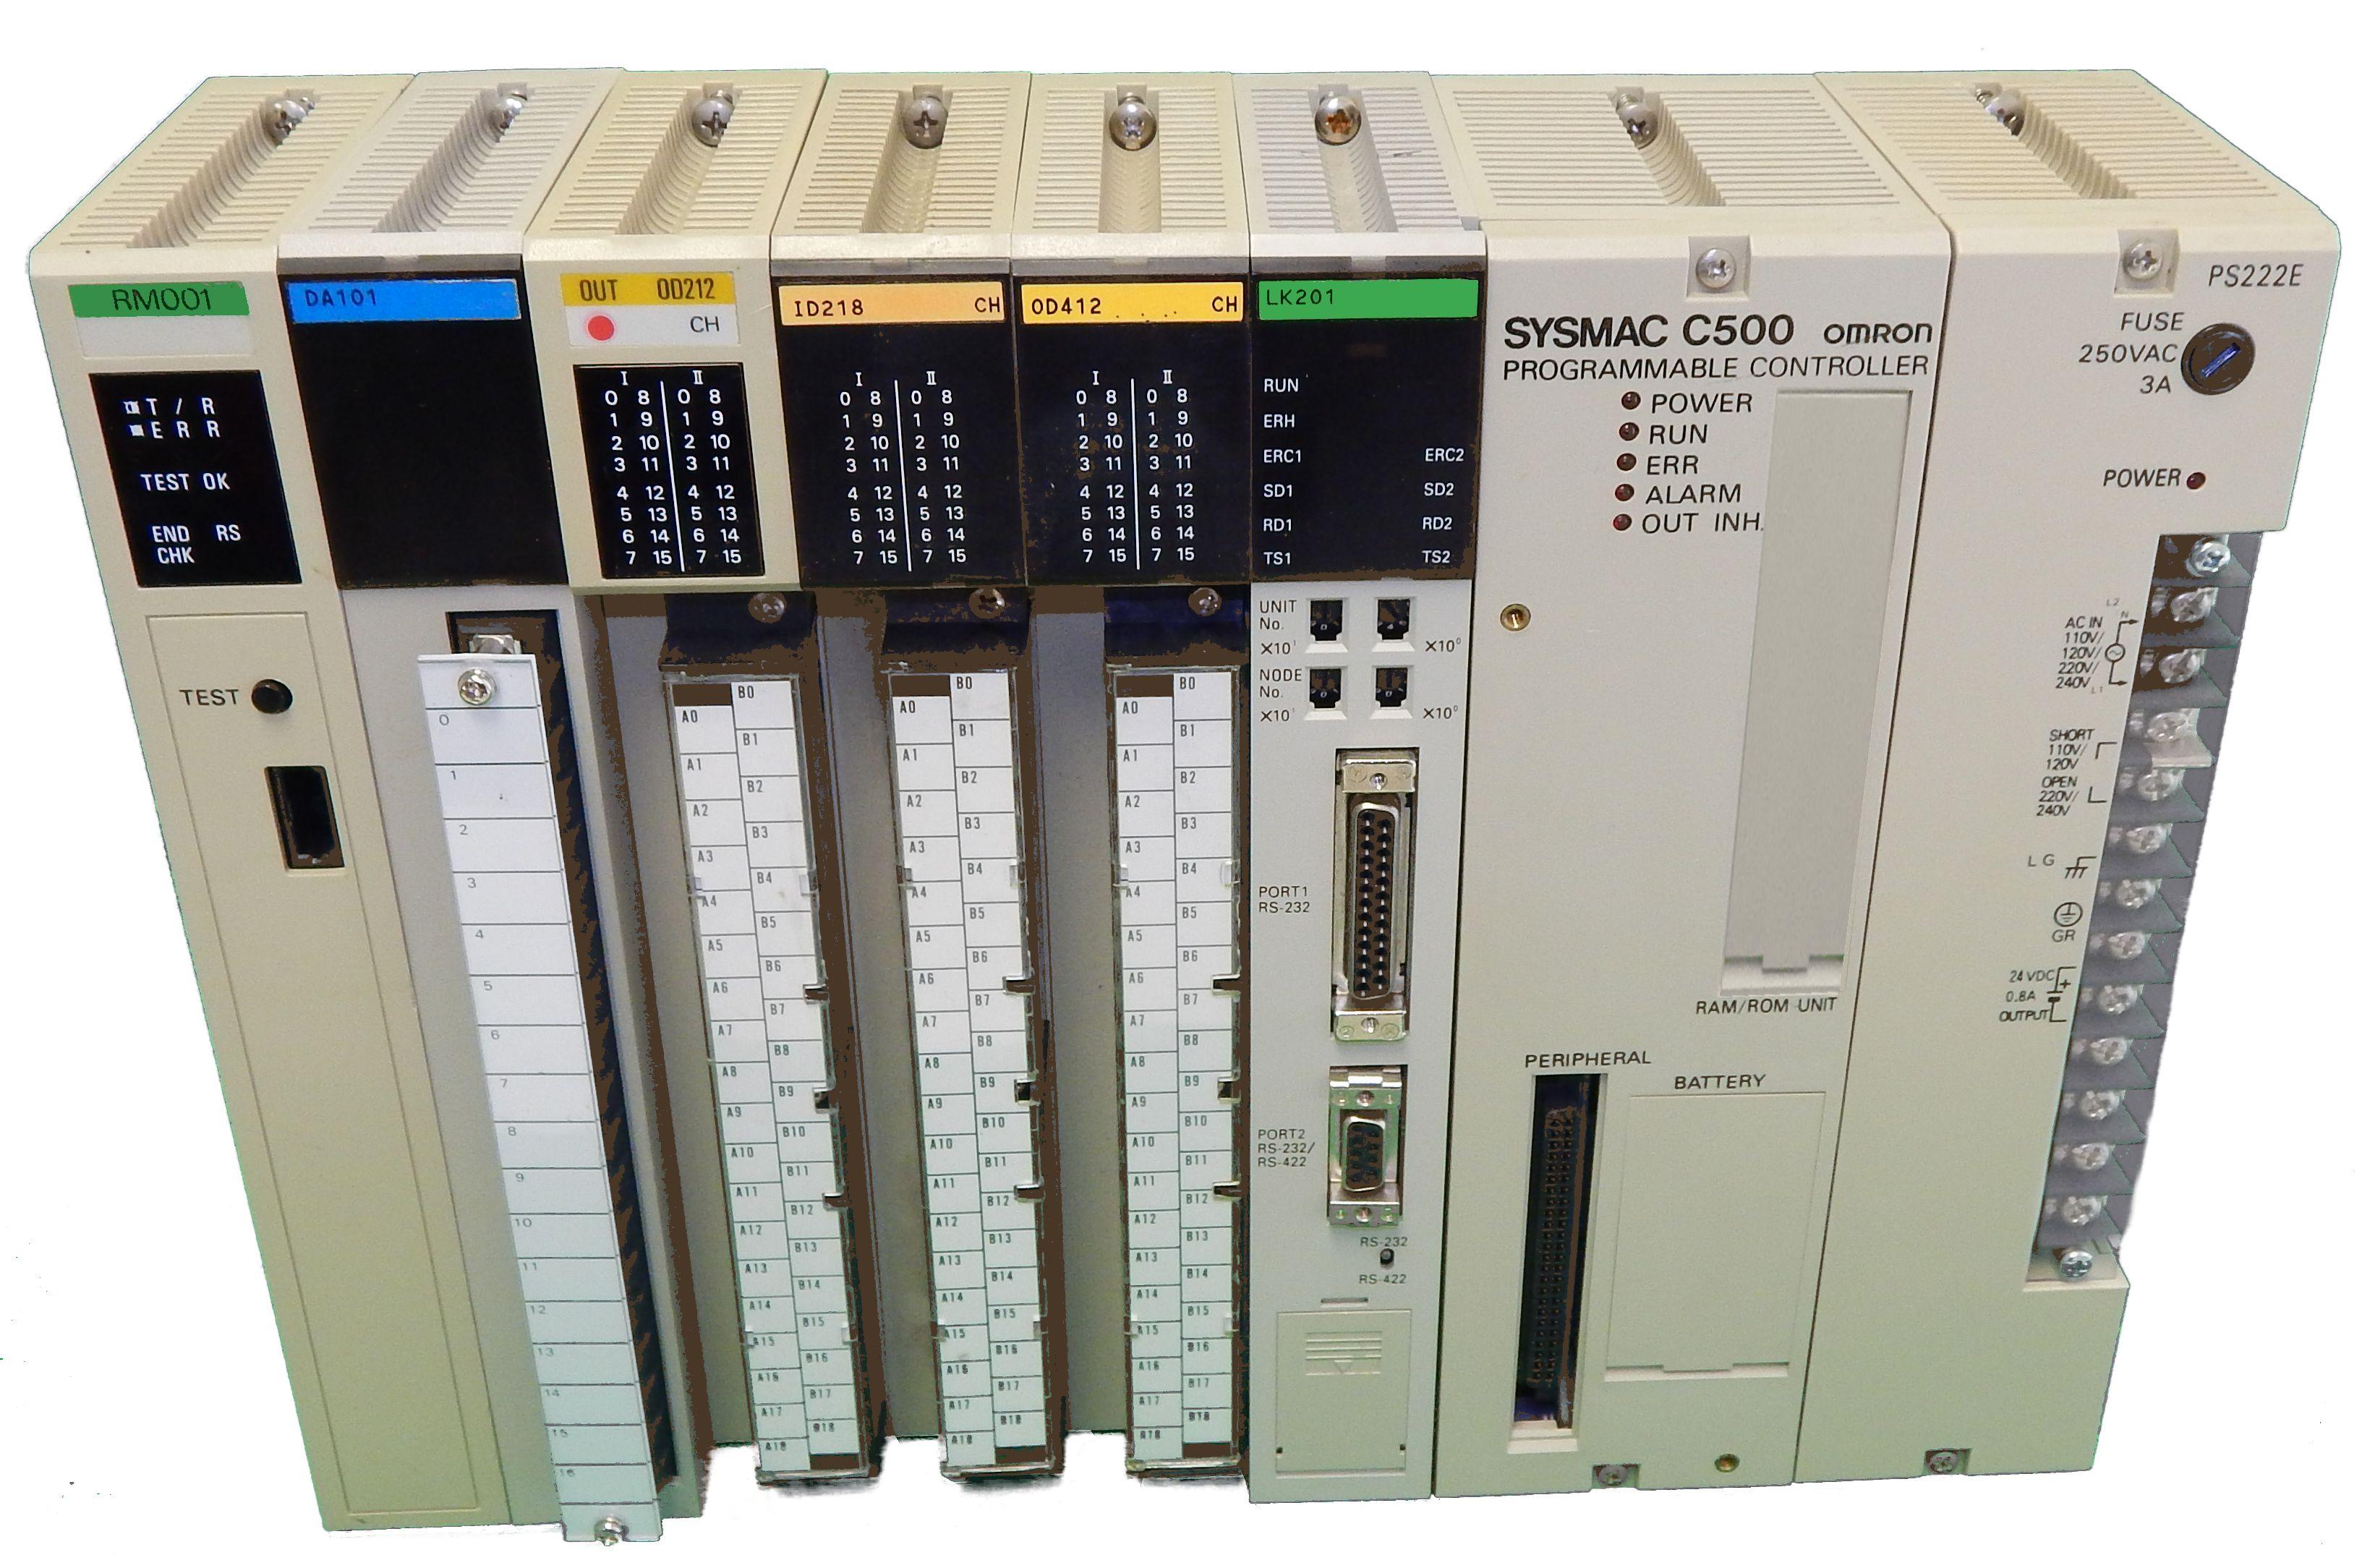 3G2C7-LK201-V1